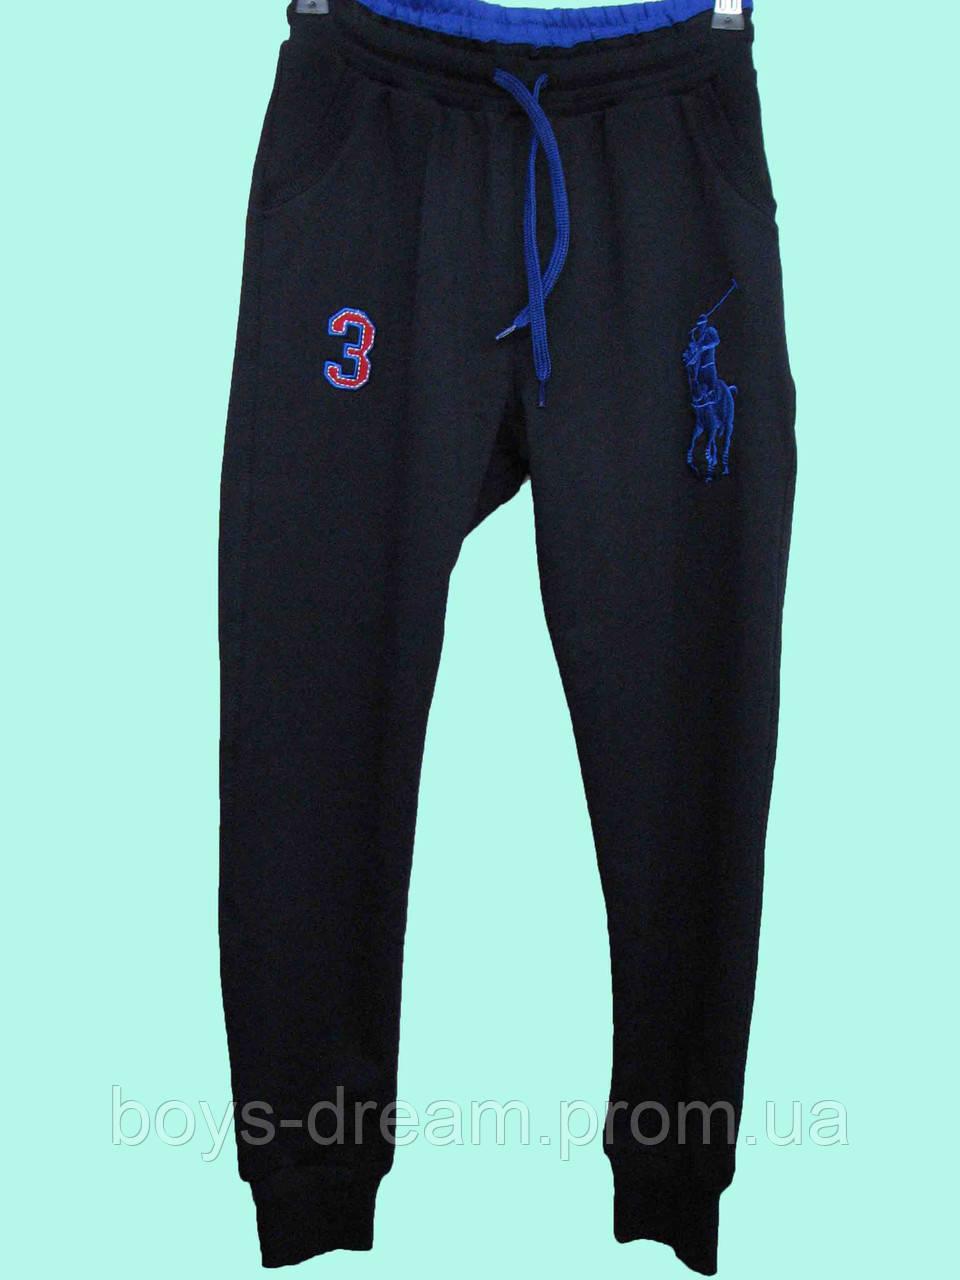 Спортивные штаны для мальчика(128) (Турция)